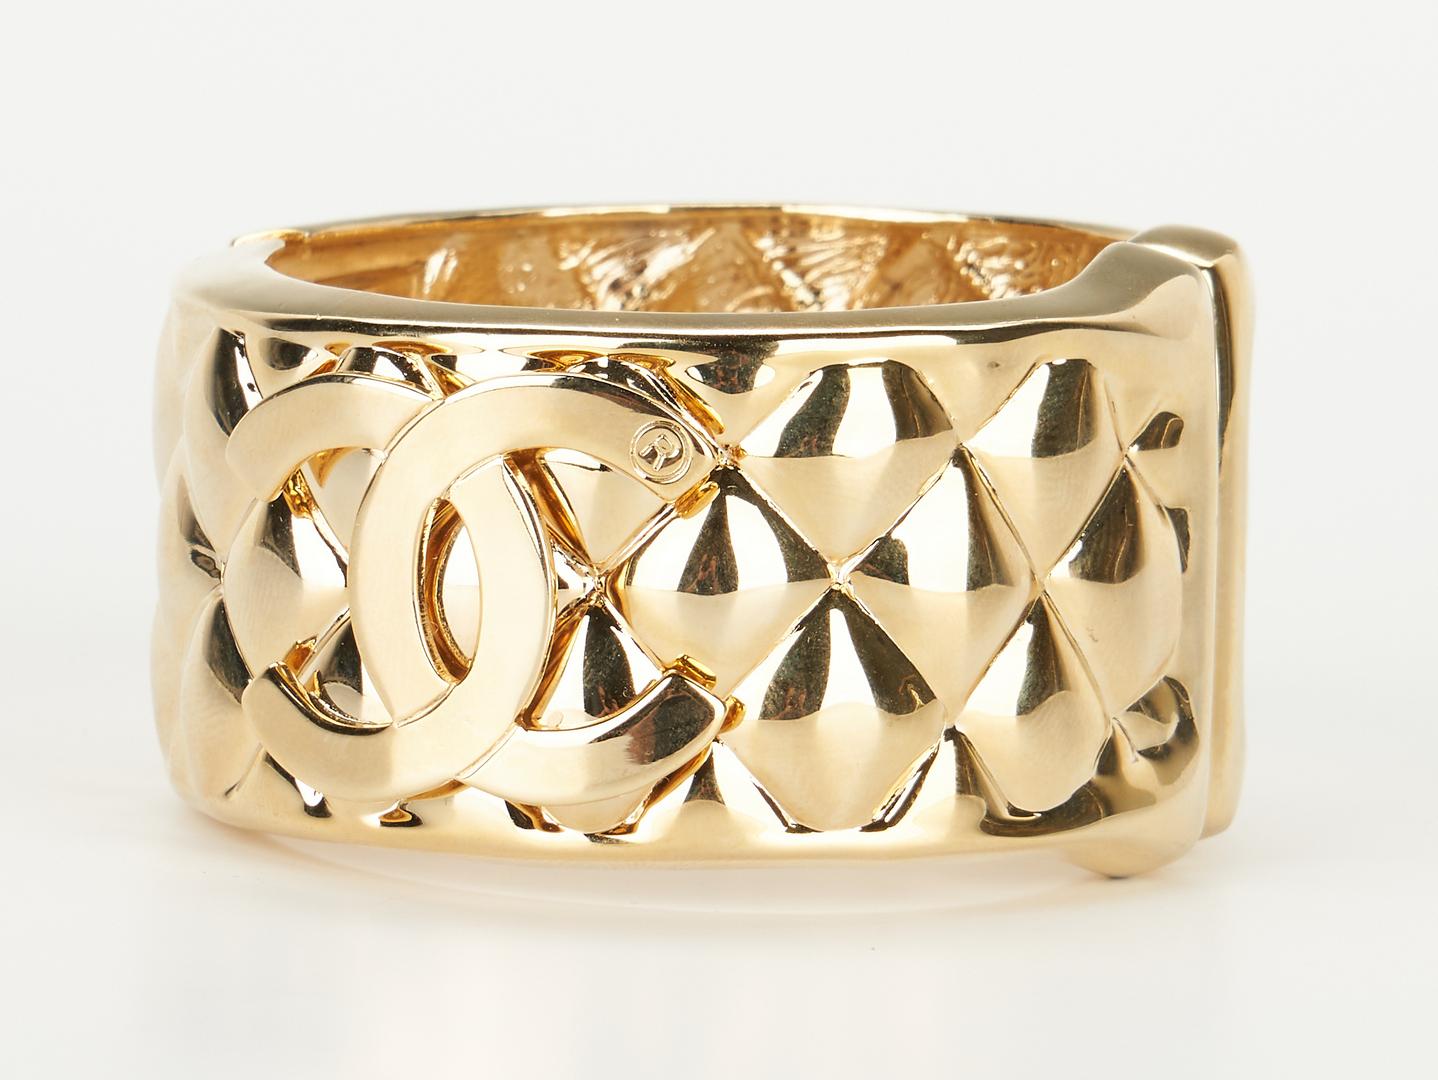 Lot 721: Vintage Chanel Quilted Logo Bangle Bracelet